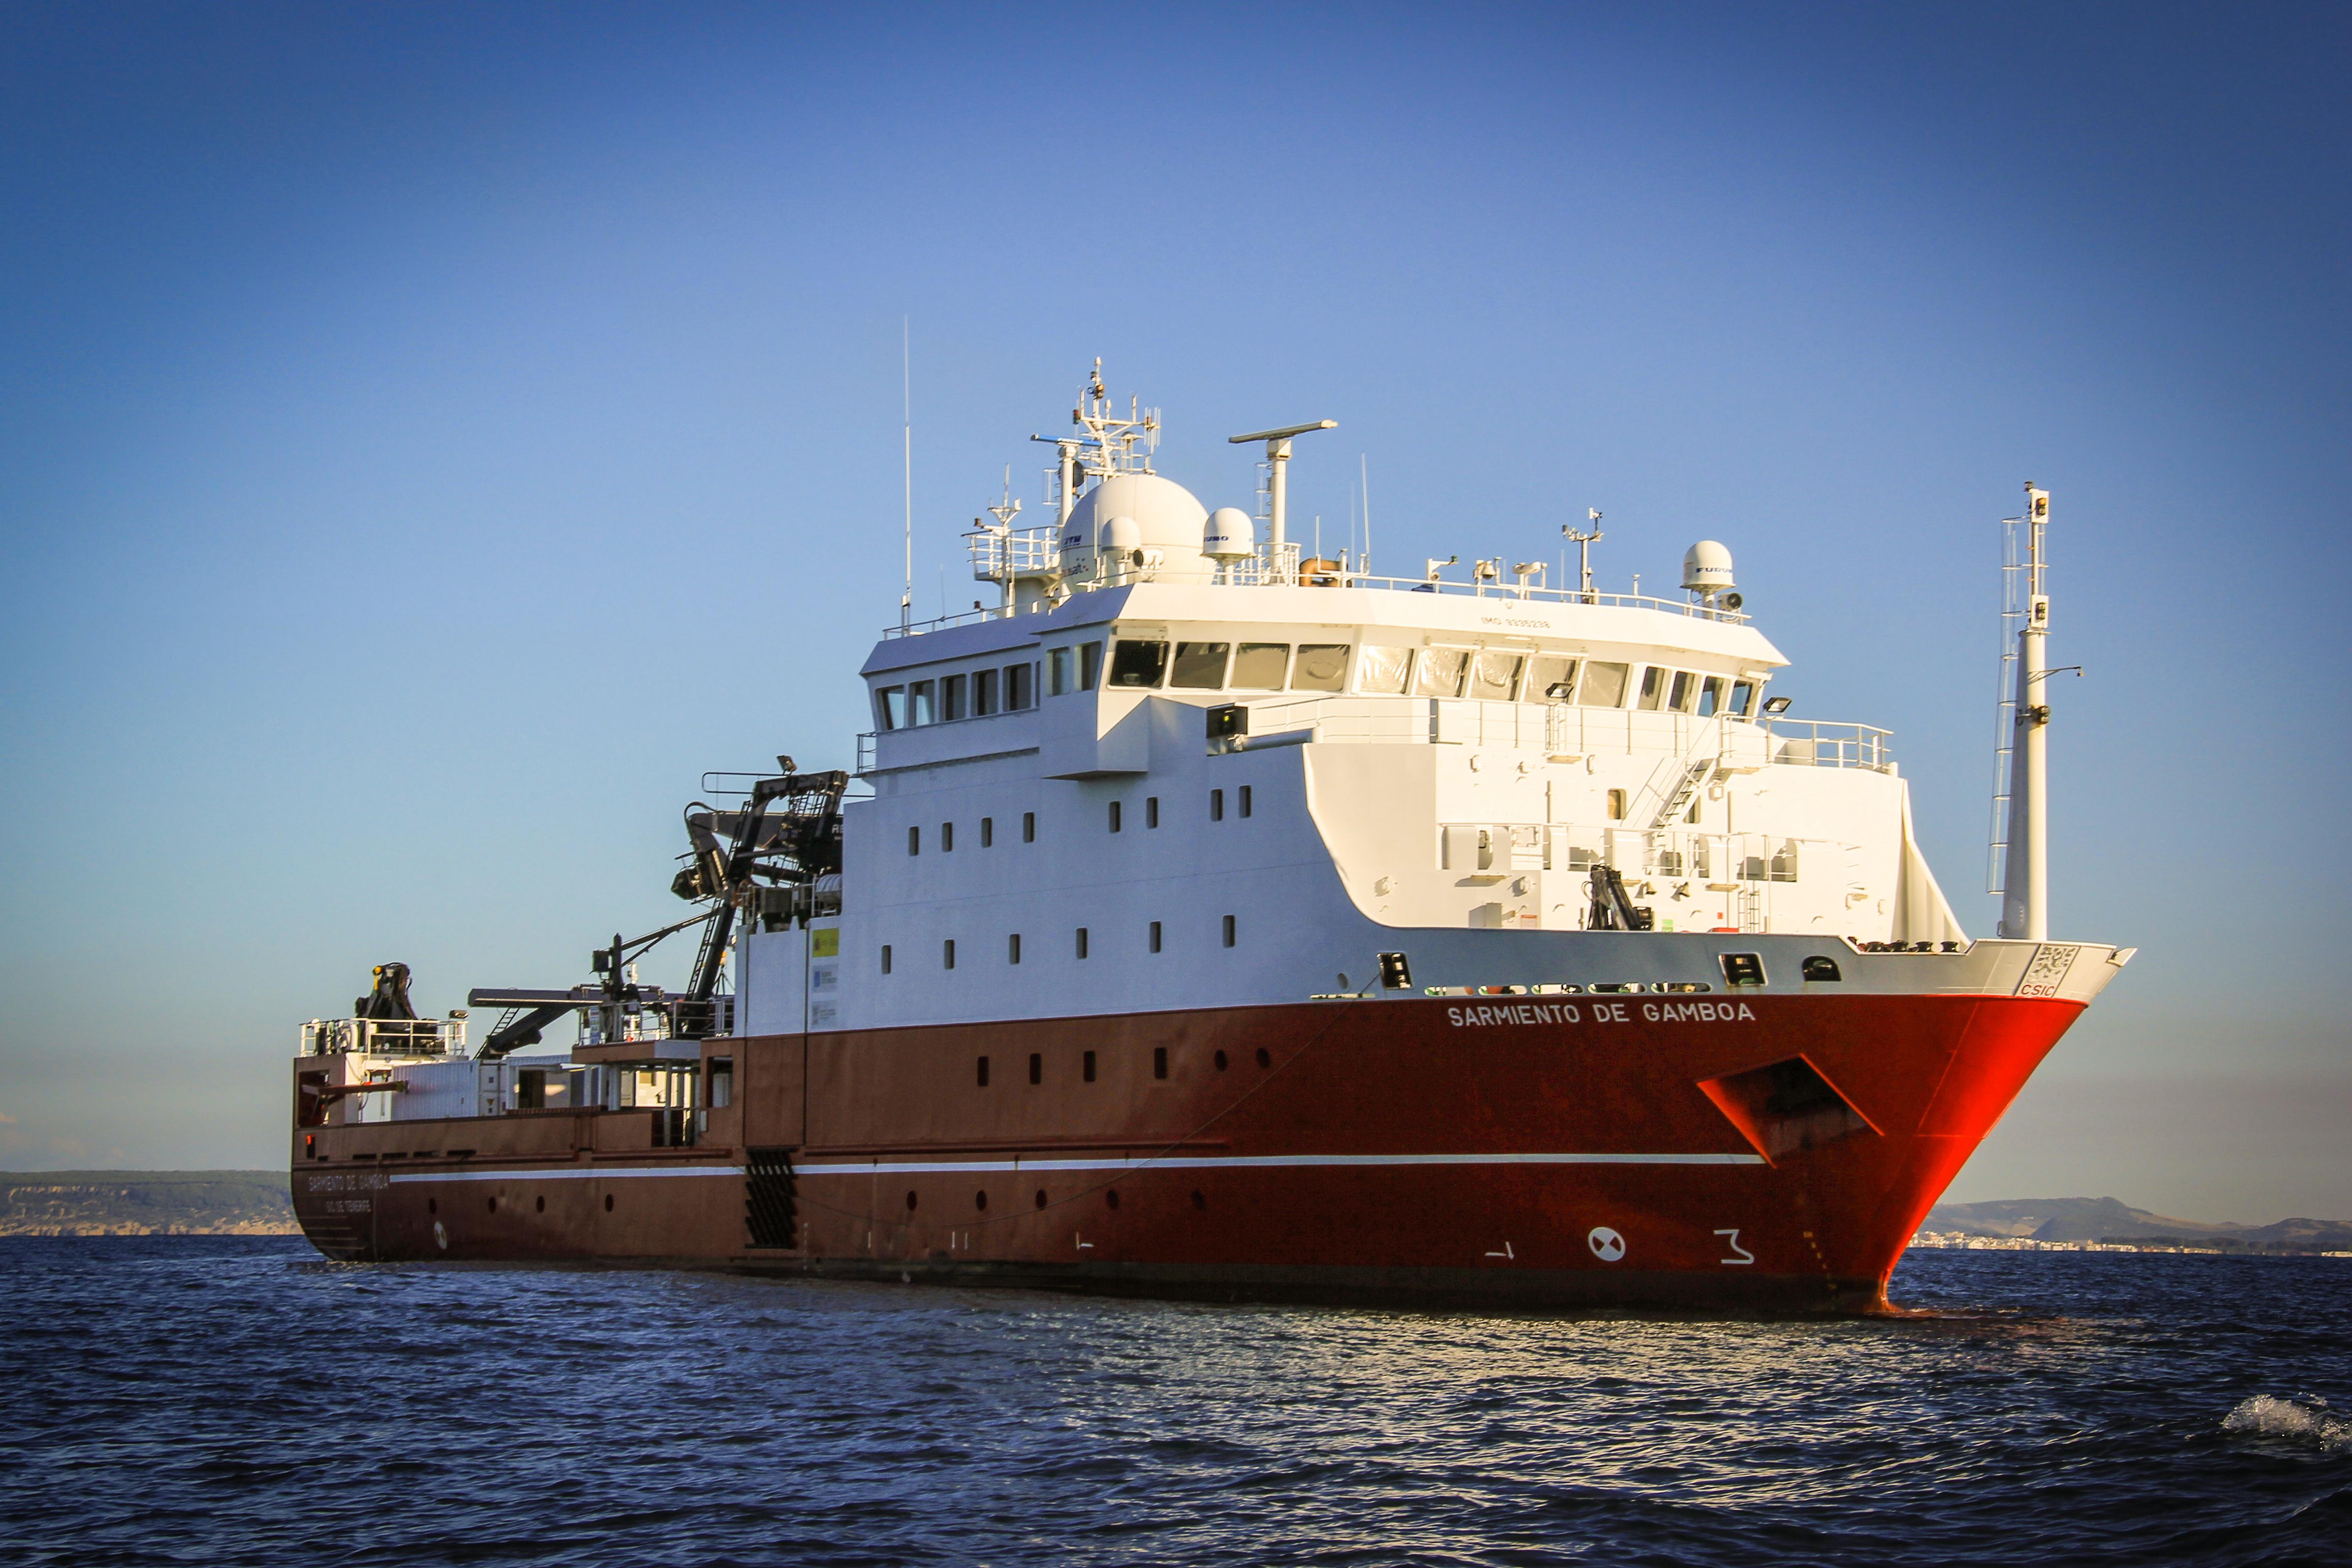 Buque oceanográfico Sarmiento de Gamboa, en el curso de la Campaña HotMix. Imagen: Josep M. Gasol / CSIC